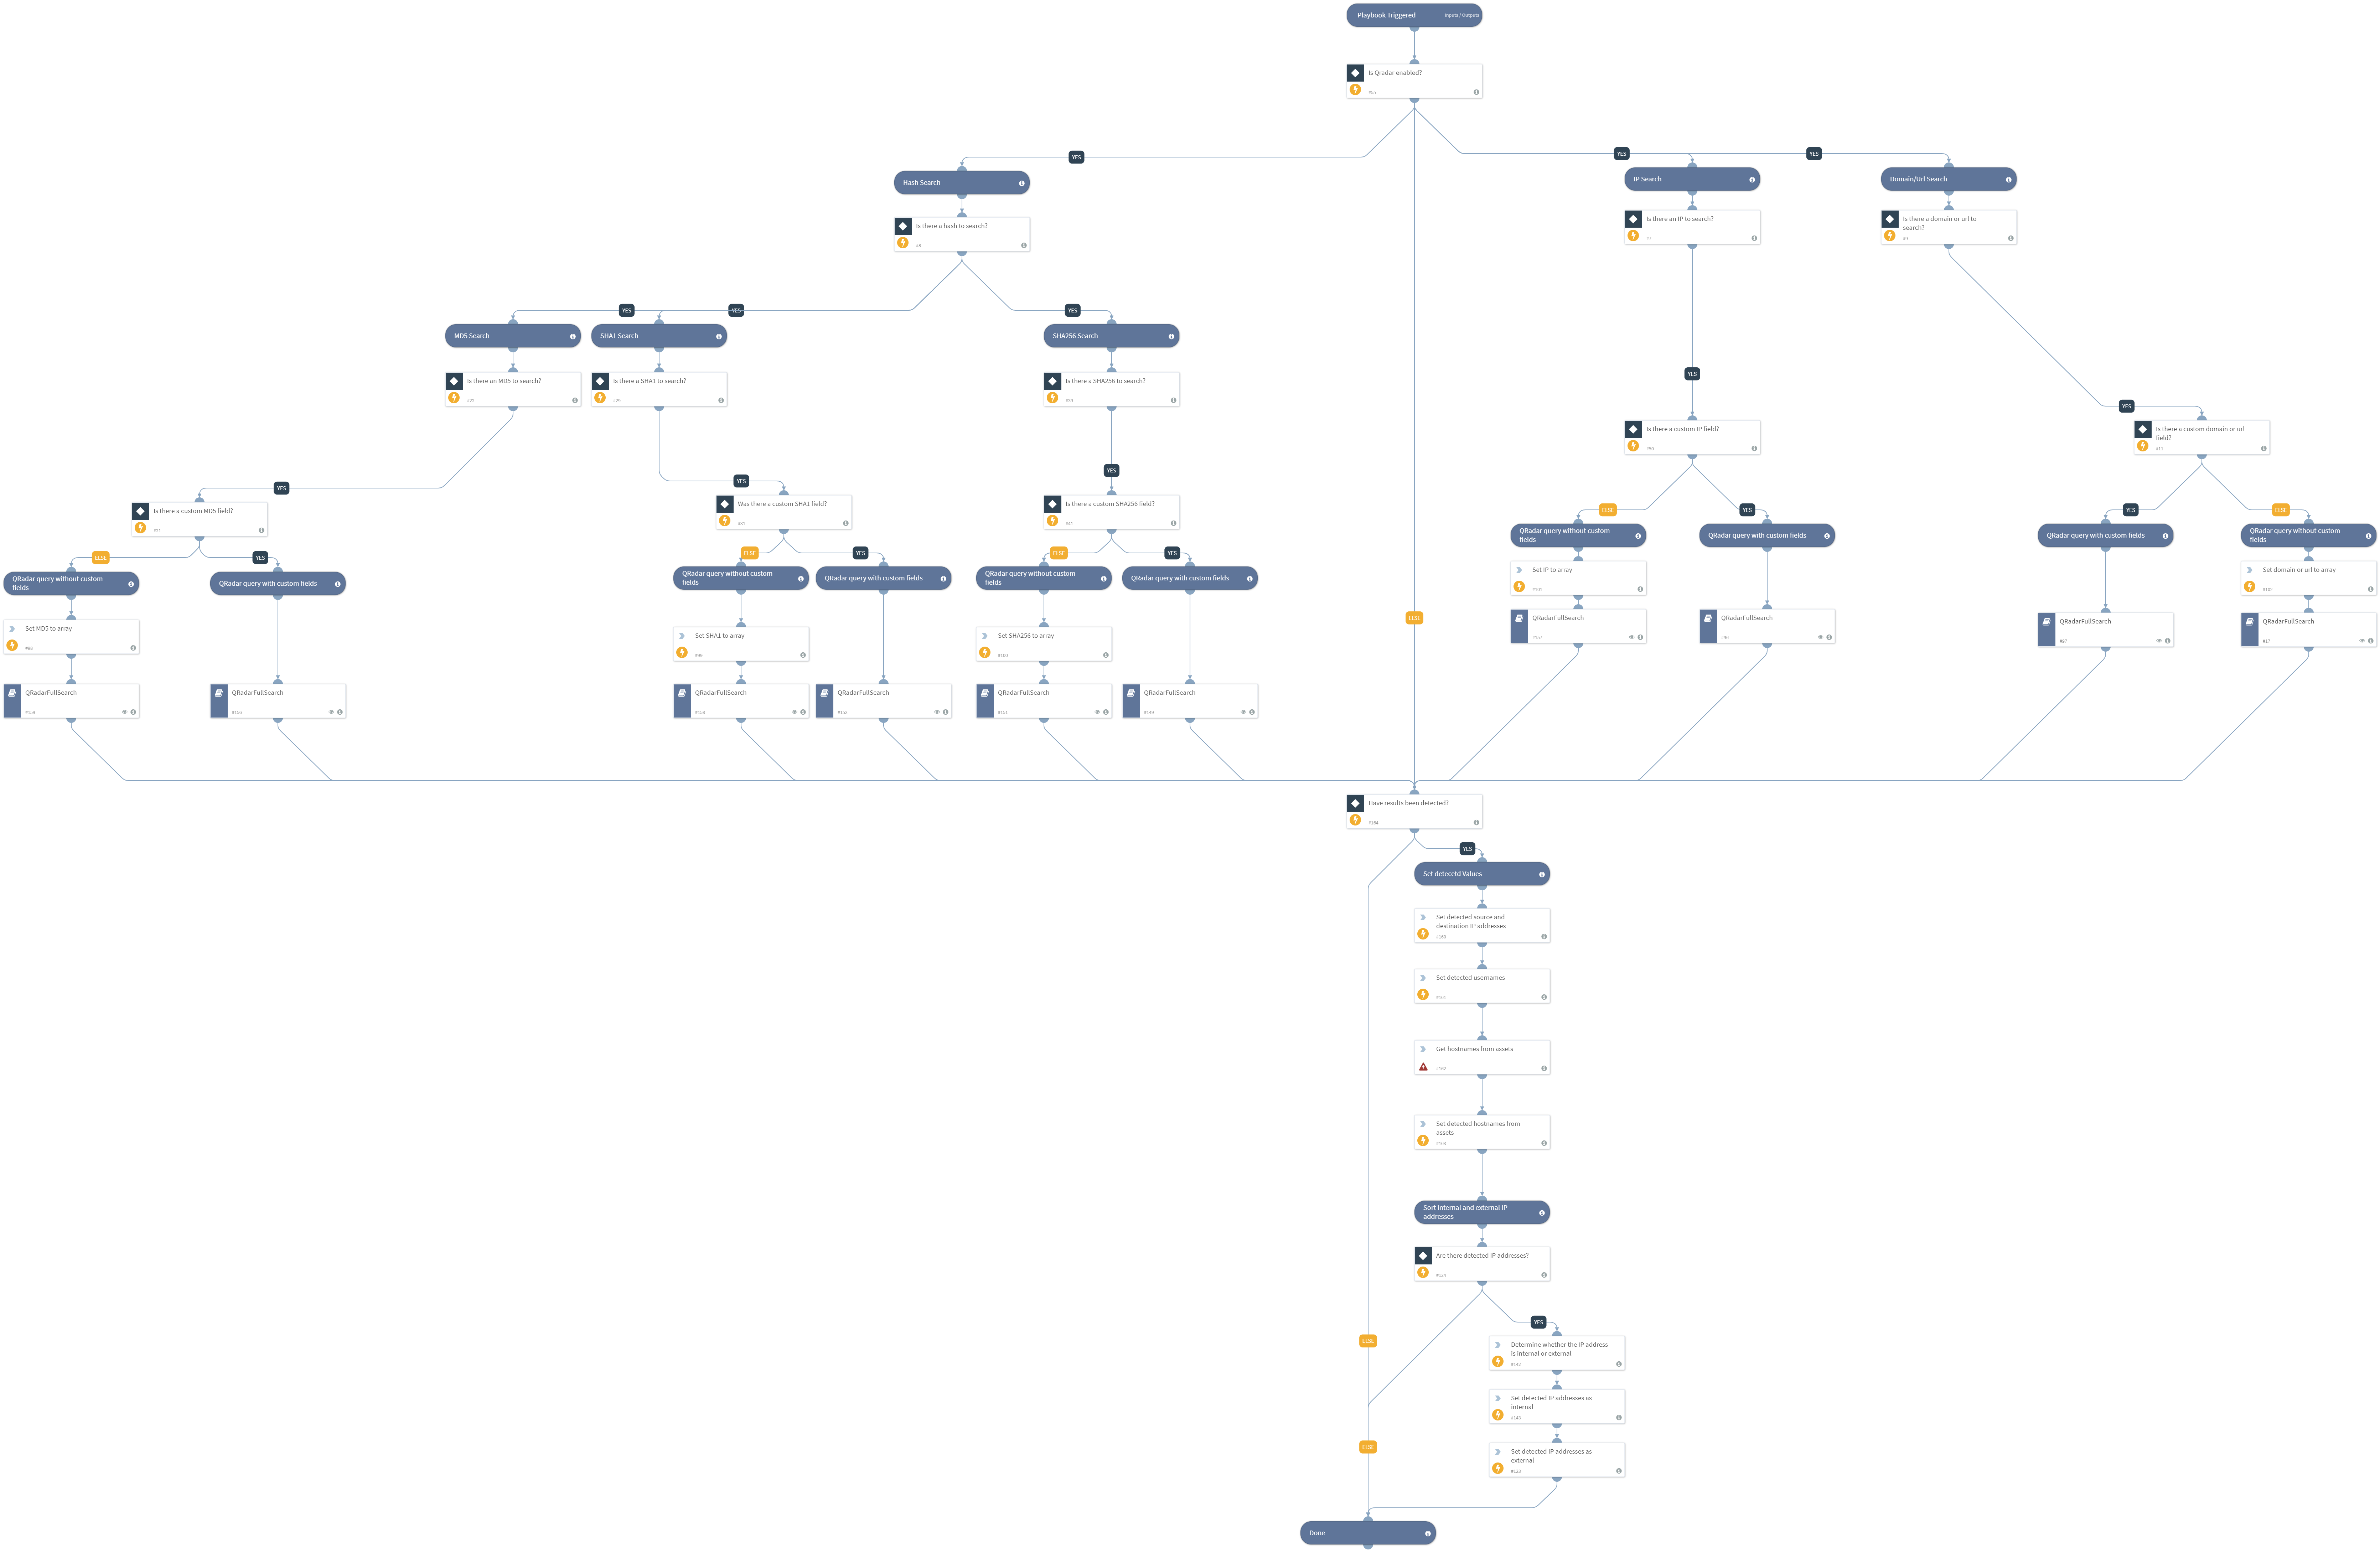 QRadar_Indicator_Hunting_V2